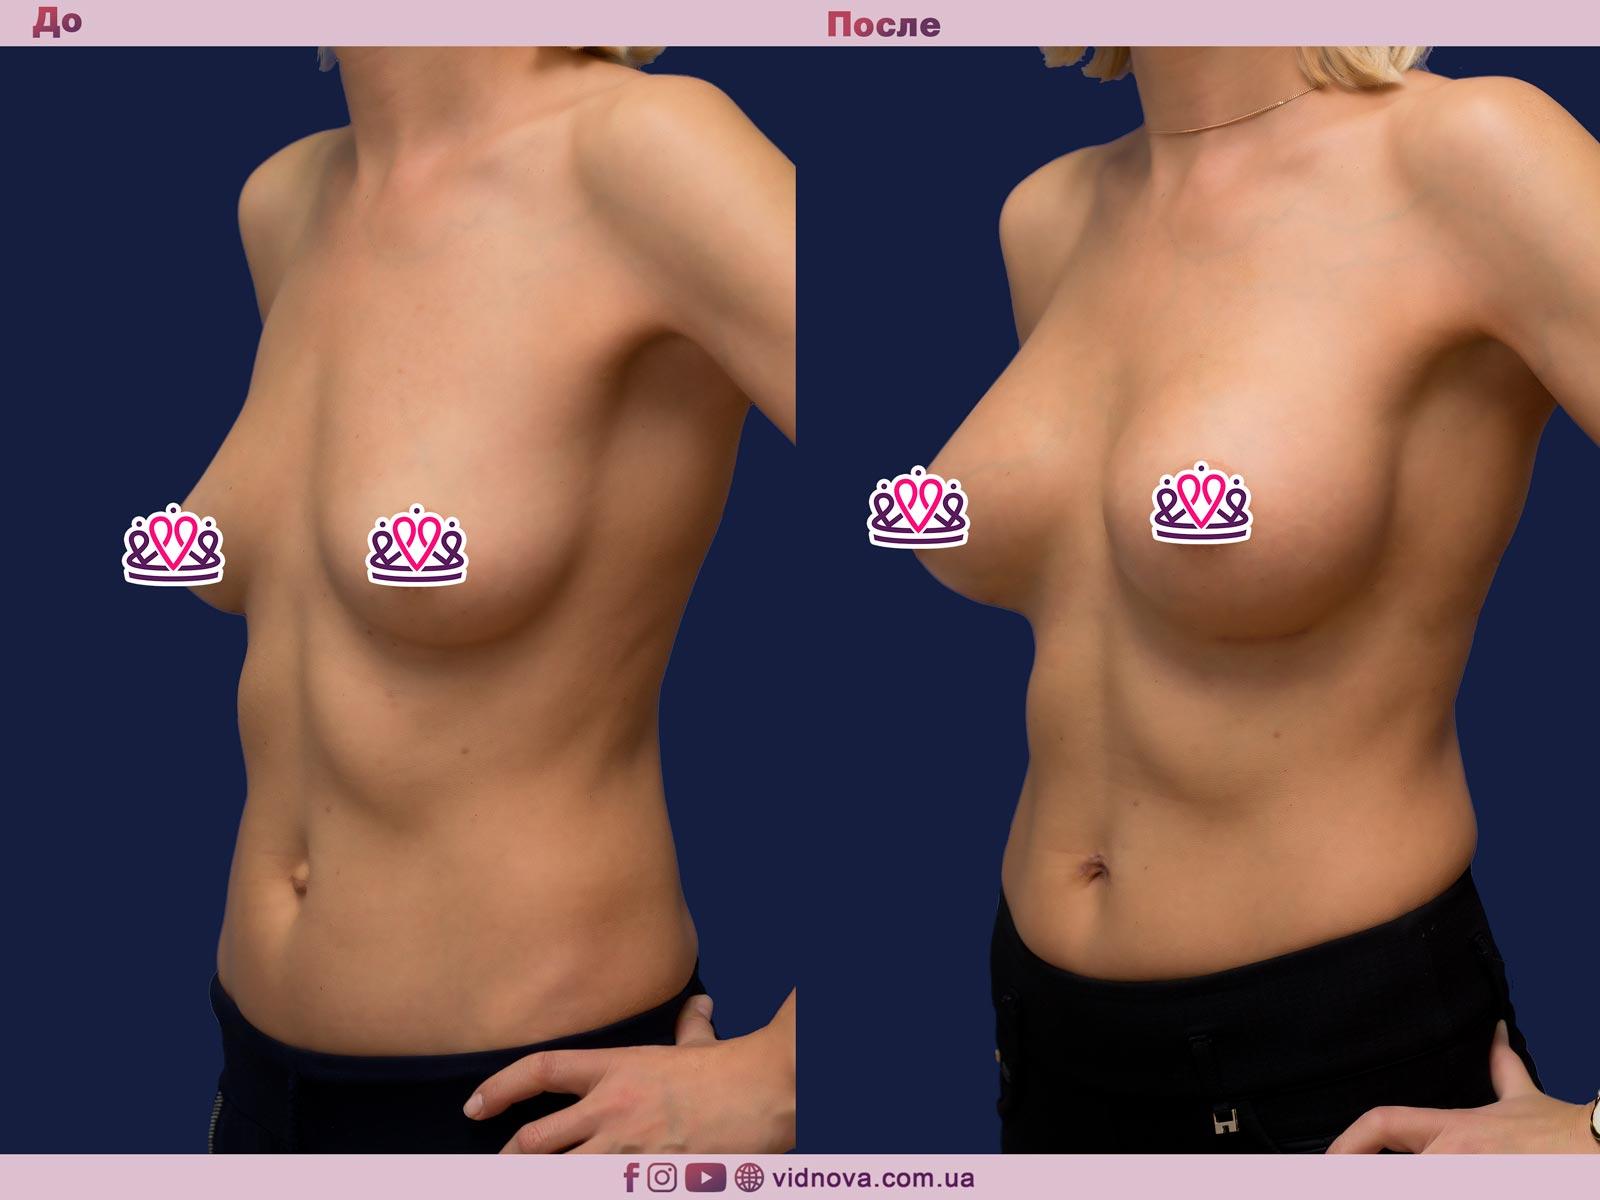 Пластика груди: результаты до и после - Пример №17-1 - Светлана Работенко